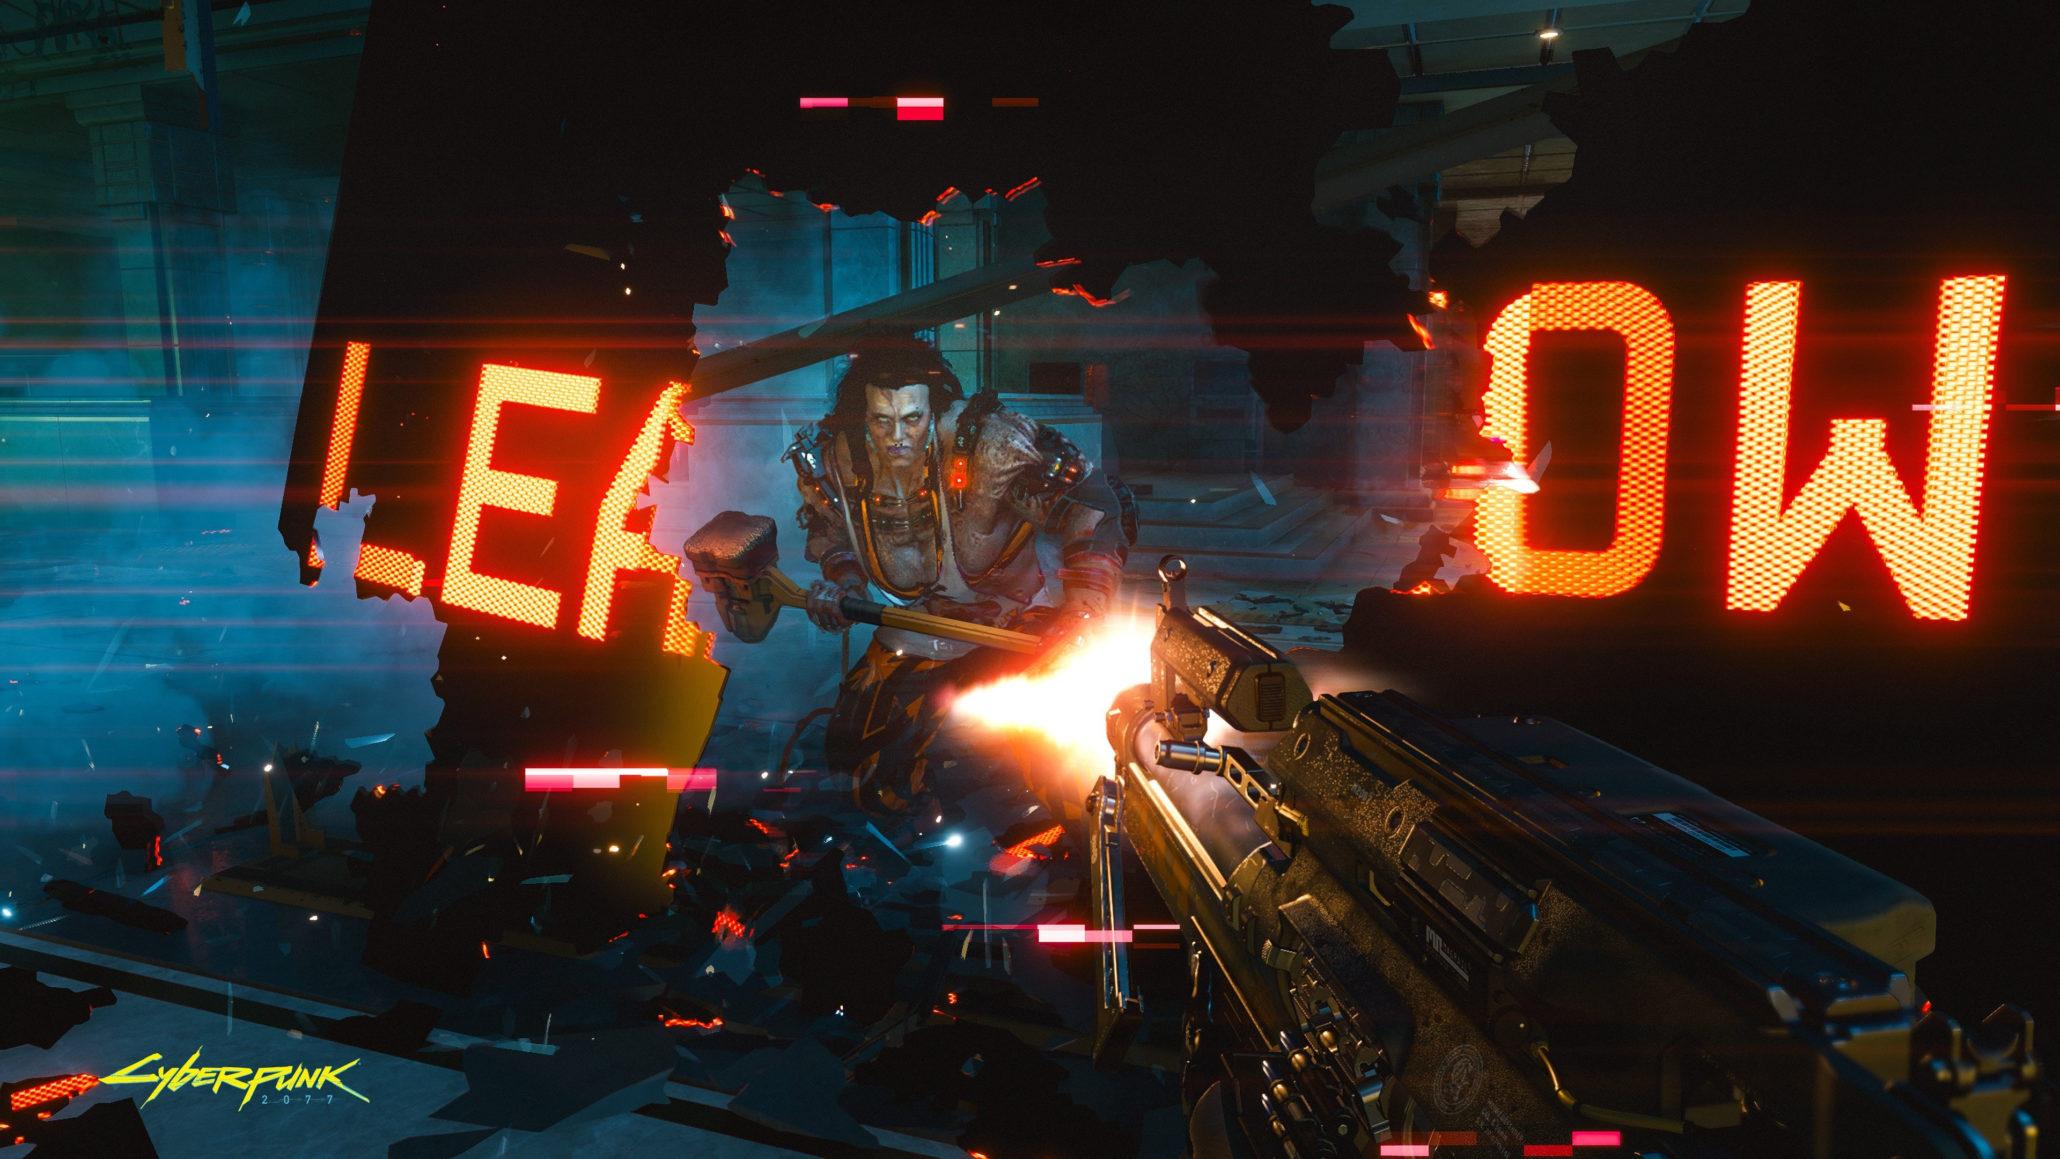 В Cyberpunk 2077 будет 75 уличных историй. Разработчики восхищаются глобальным освещением в игре